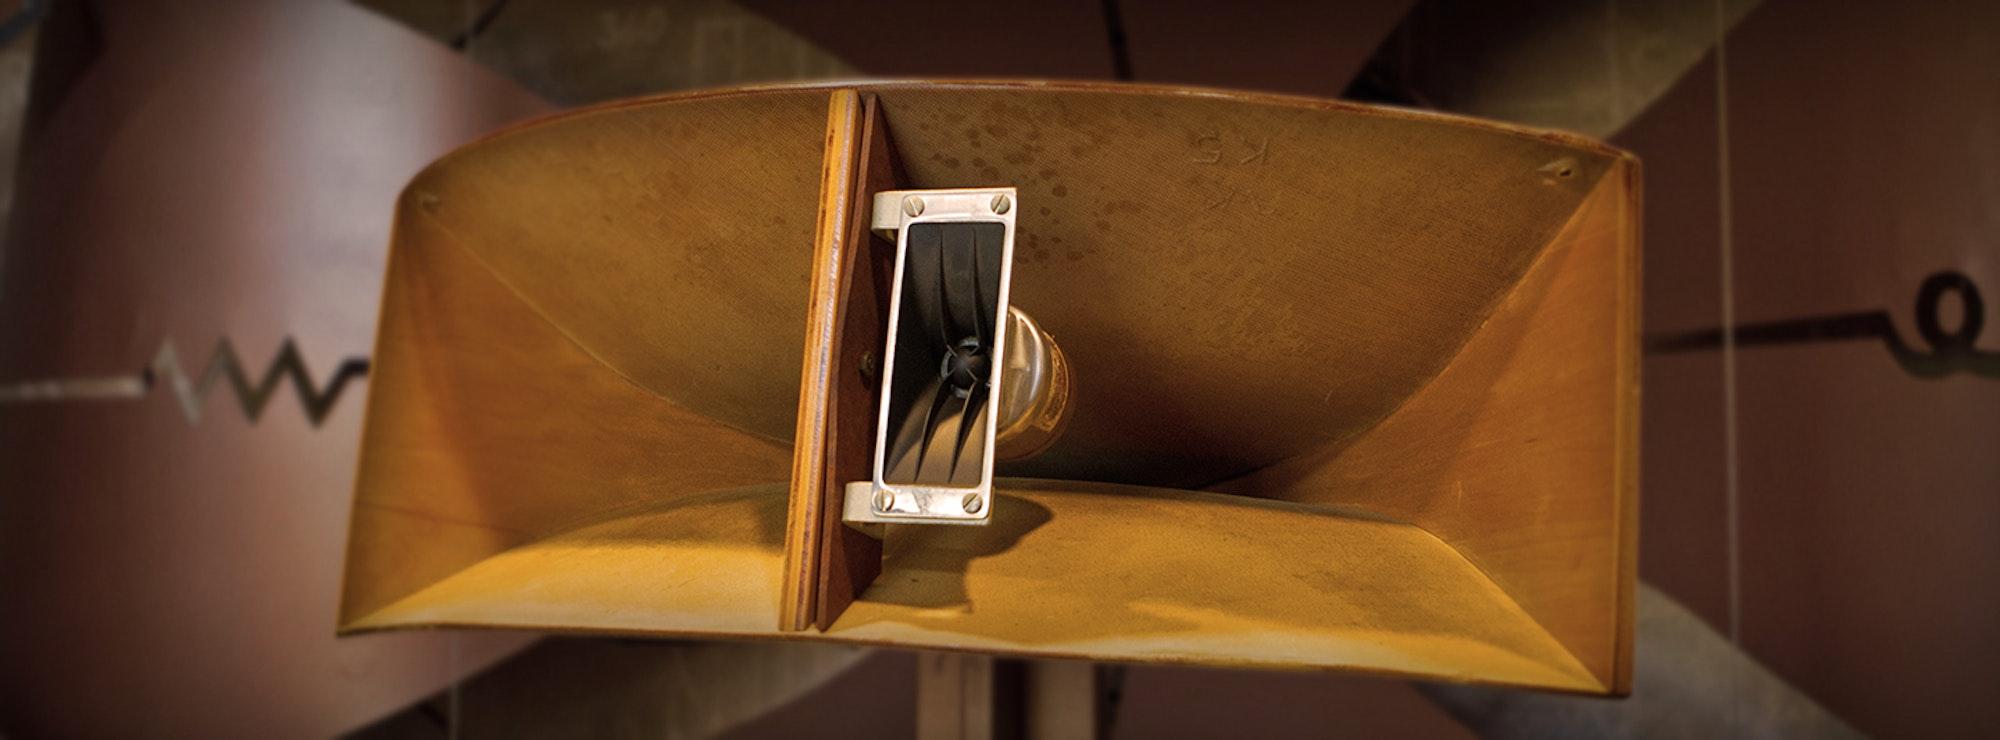 Klipsch speaker horn